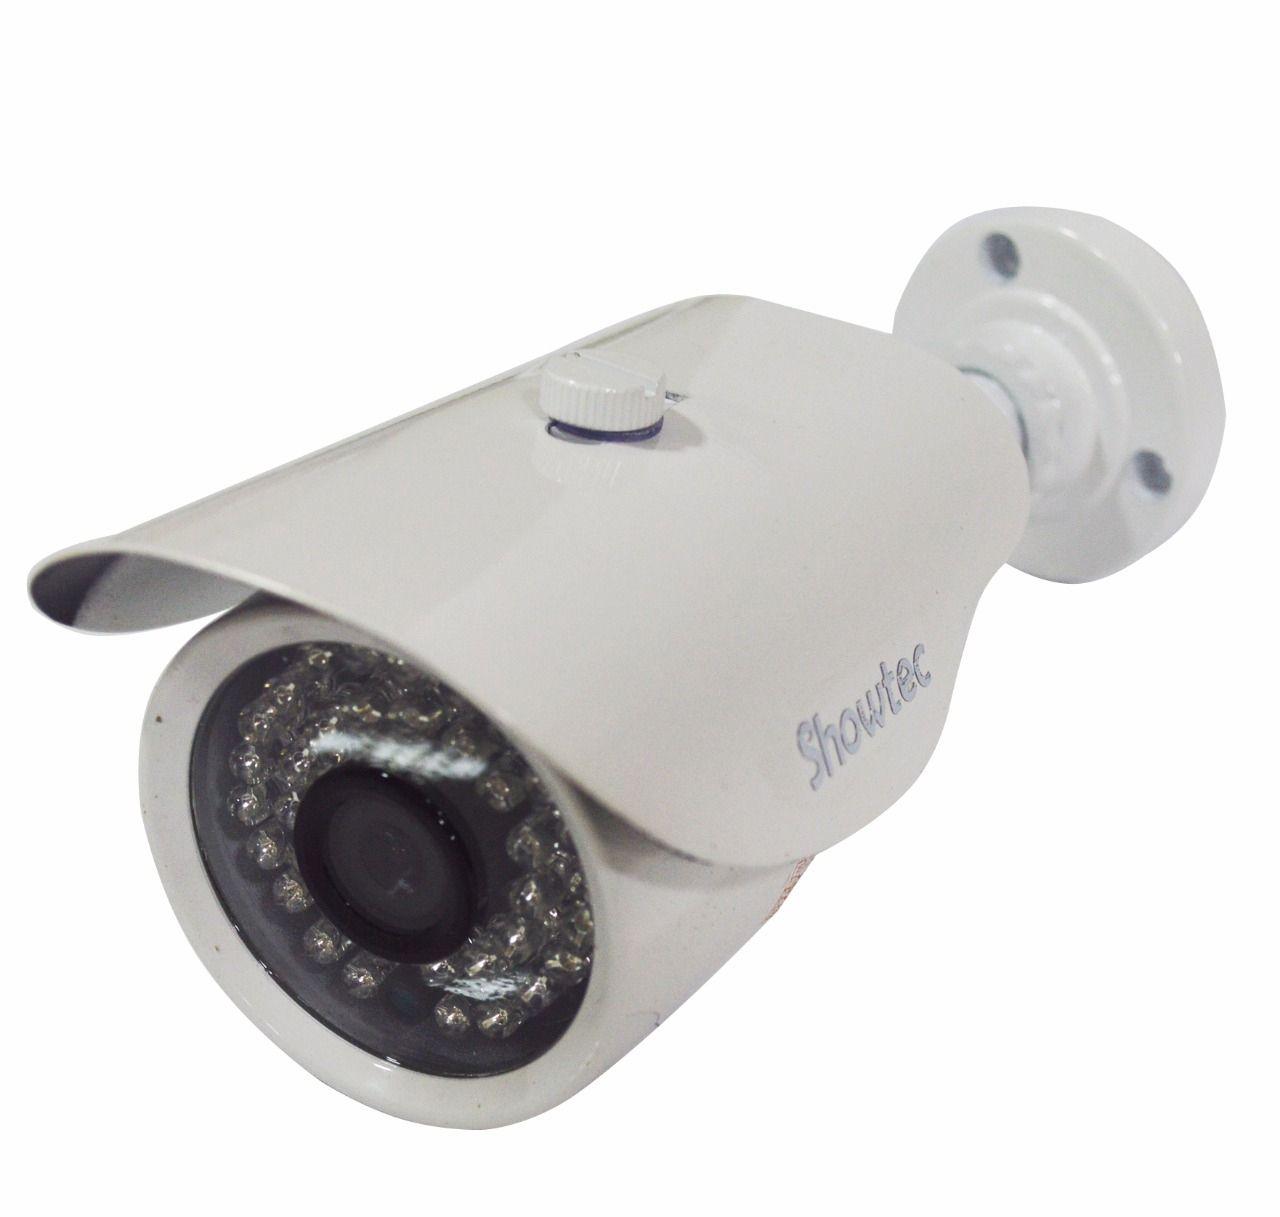 Câmera Showtec Infra Sw 372 24 Led 3,6mm IR Cut